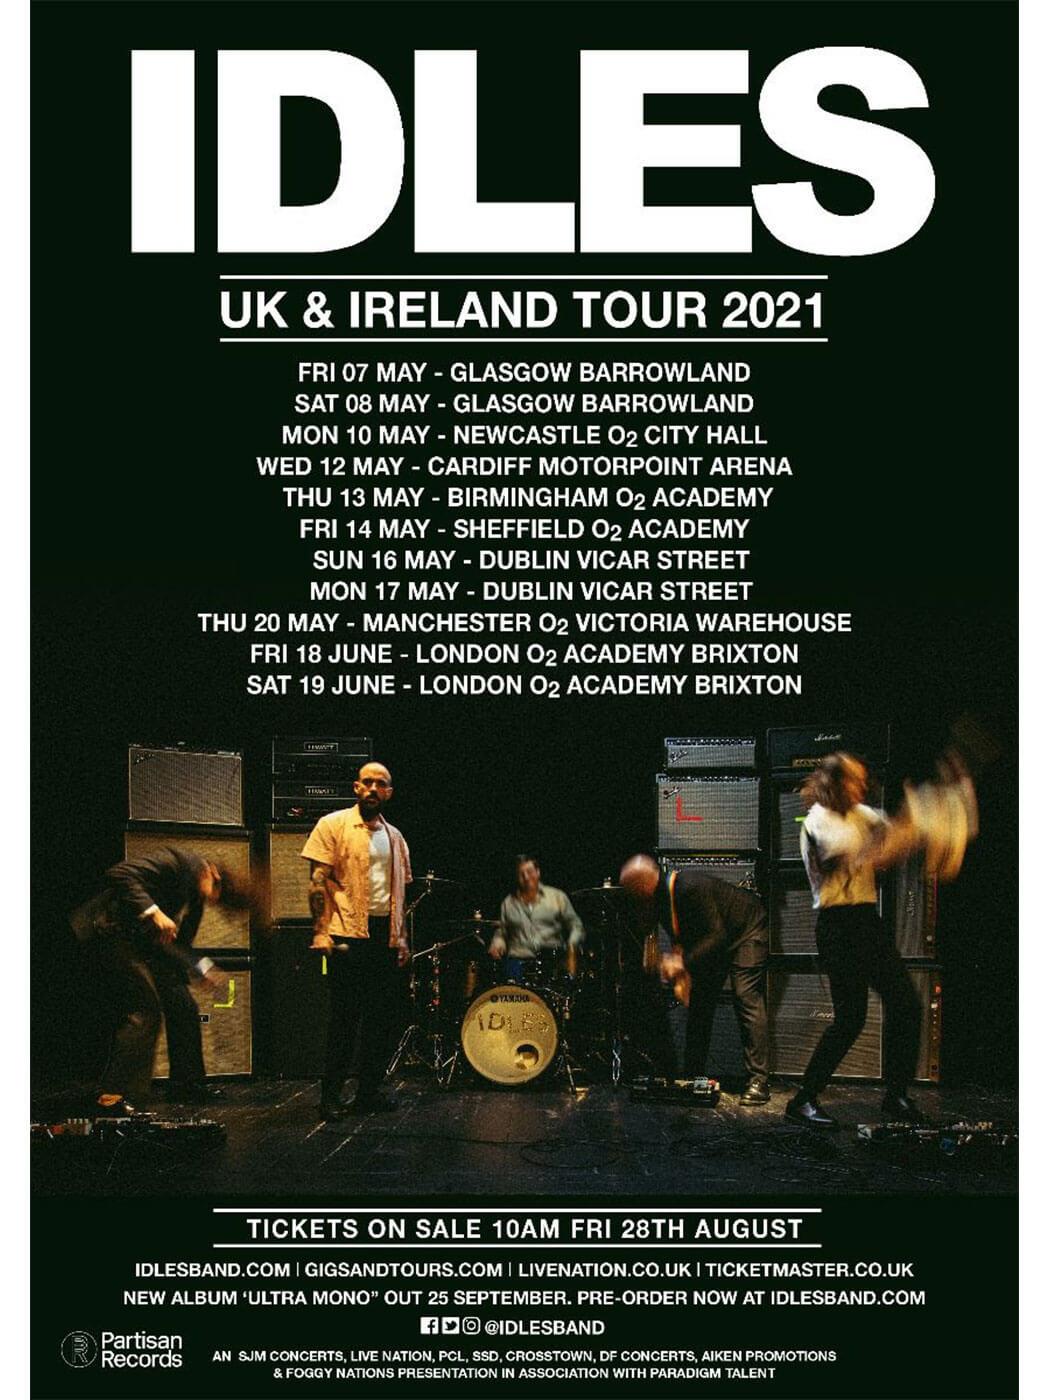 IDLES' 2021 tour